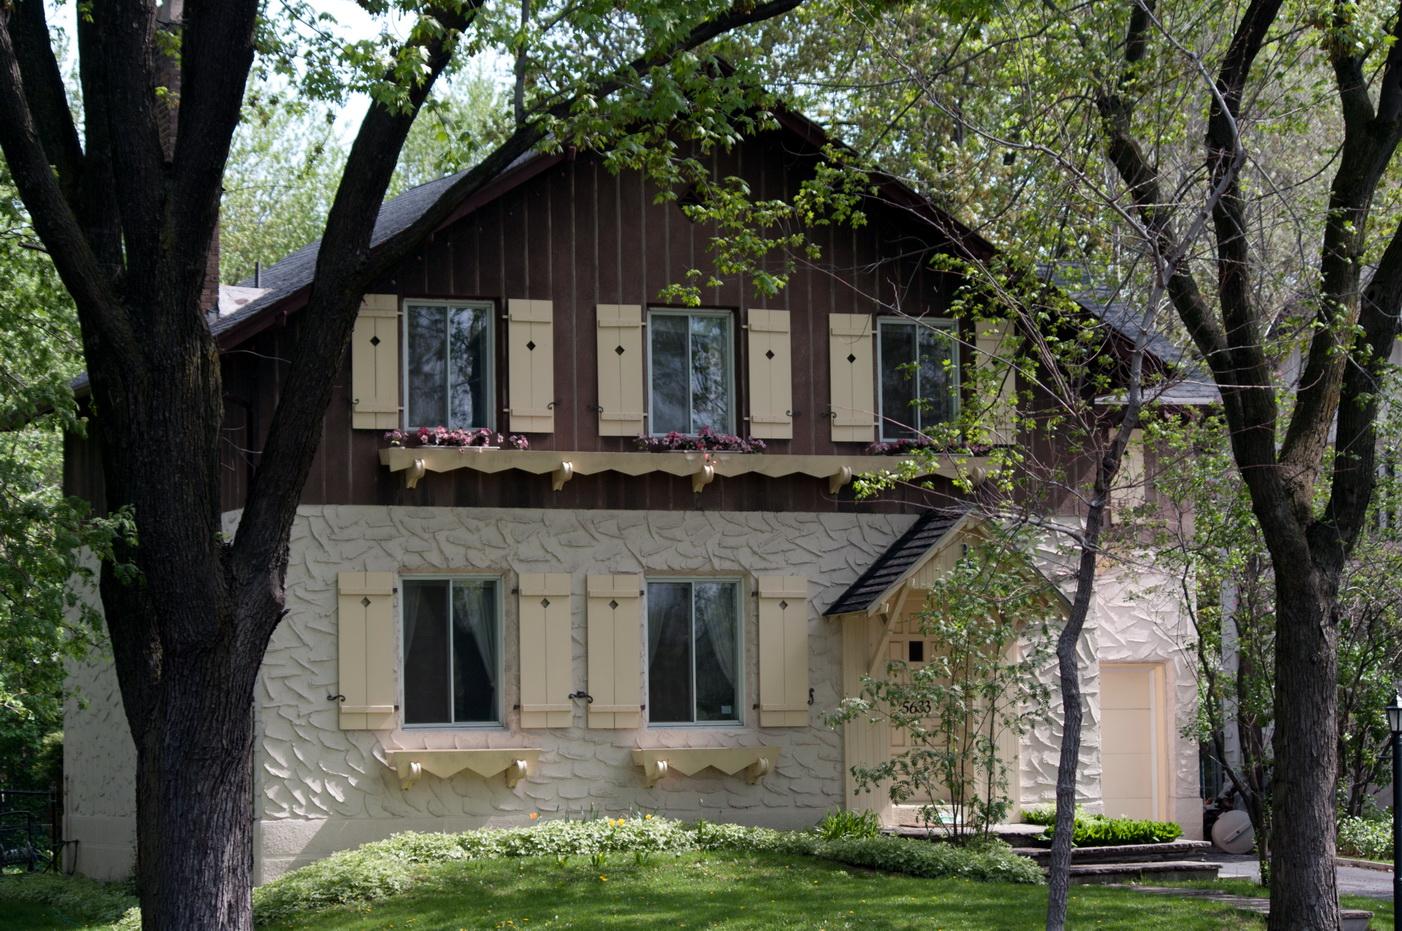 17 juin 2010 les beaut s de montr al. Black Bedroom Furniture Sets. Home Design Ideas